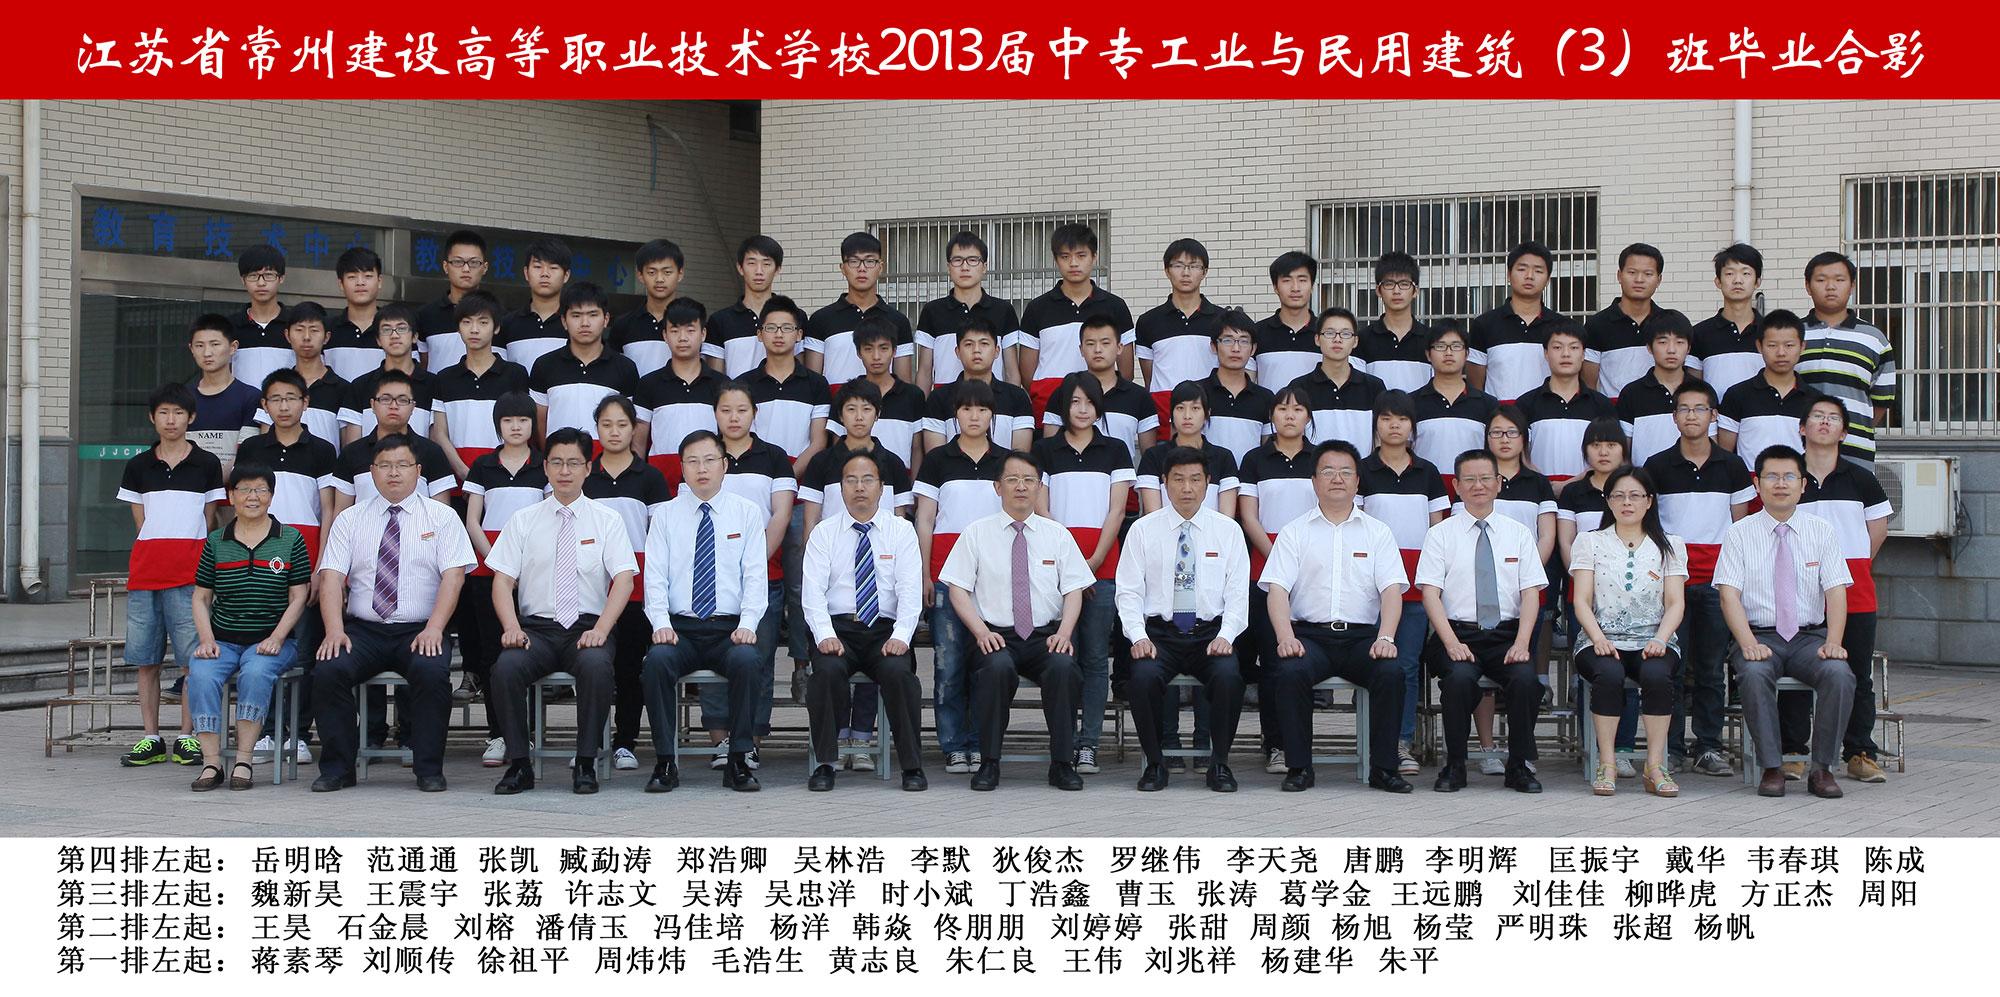 2013届中专工业与民用建筑(3)班...